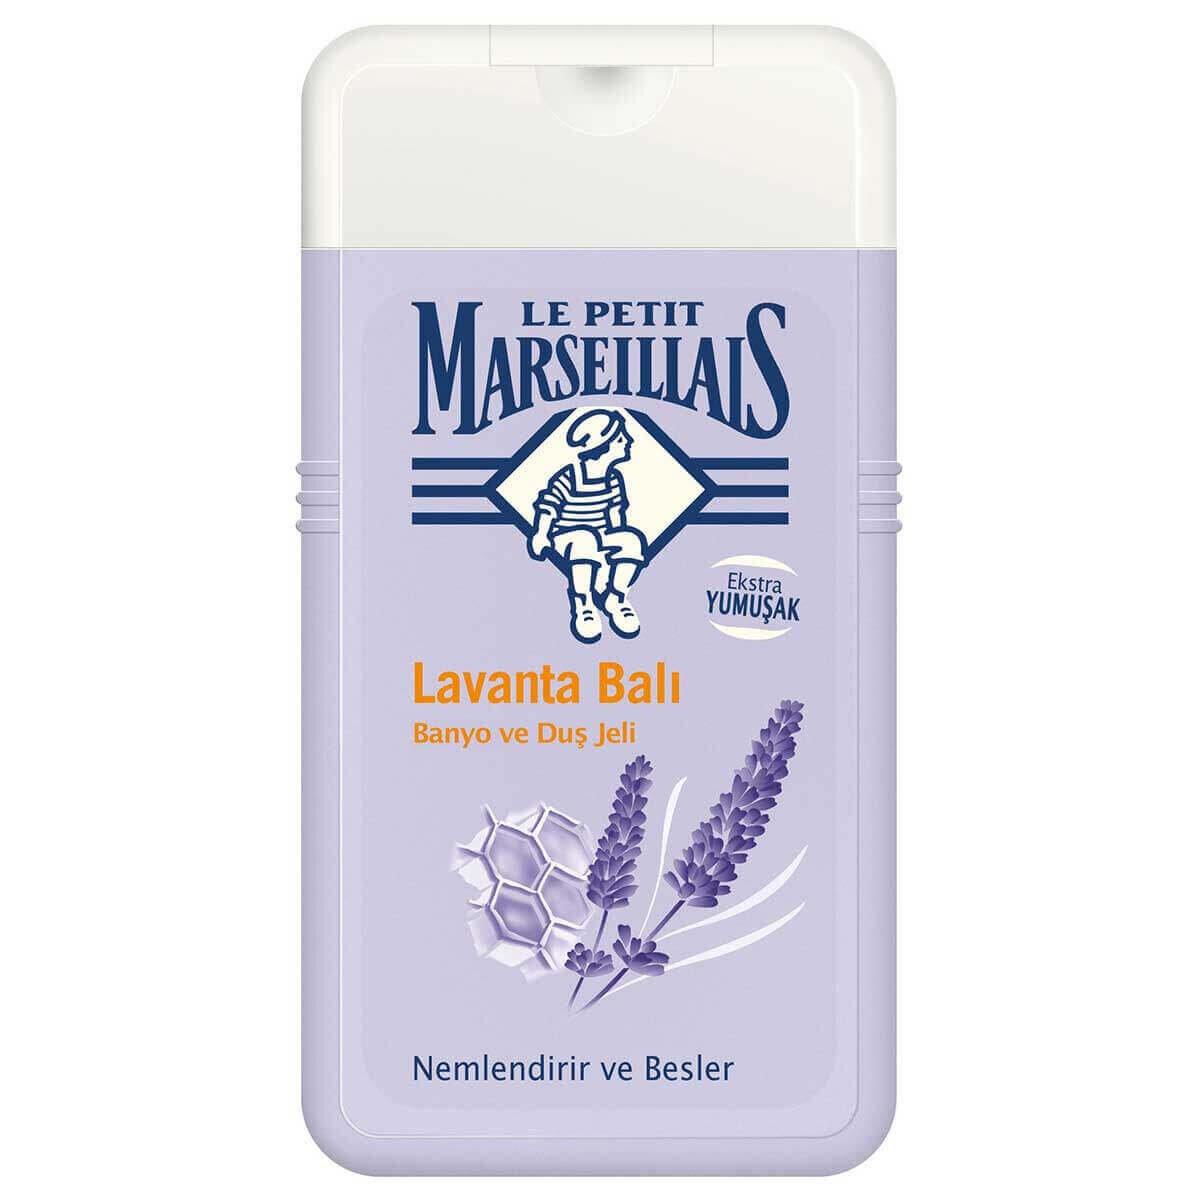 Lavanta Balı Duş Jeli 250 ml